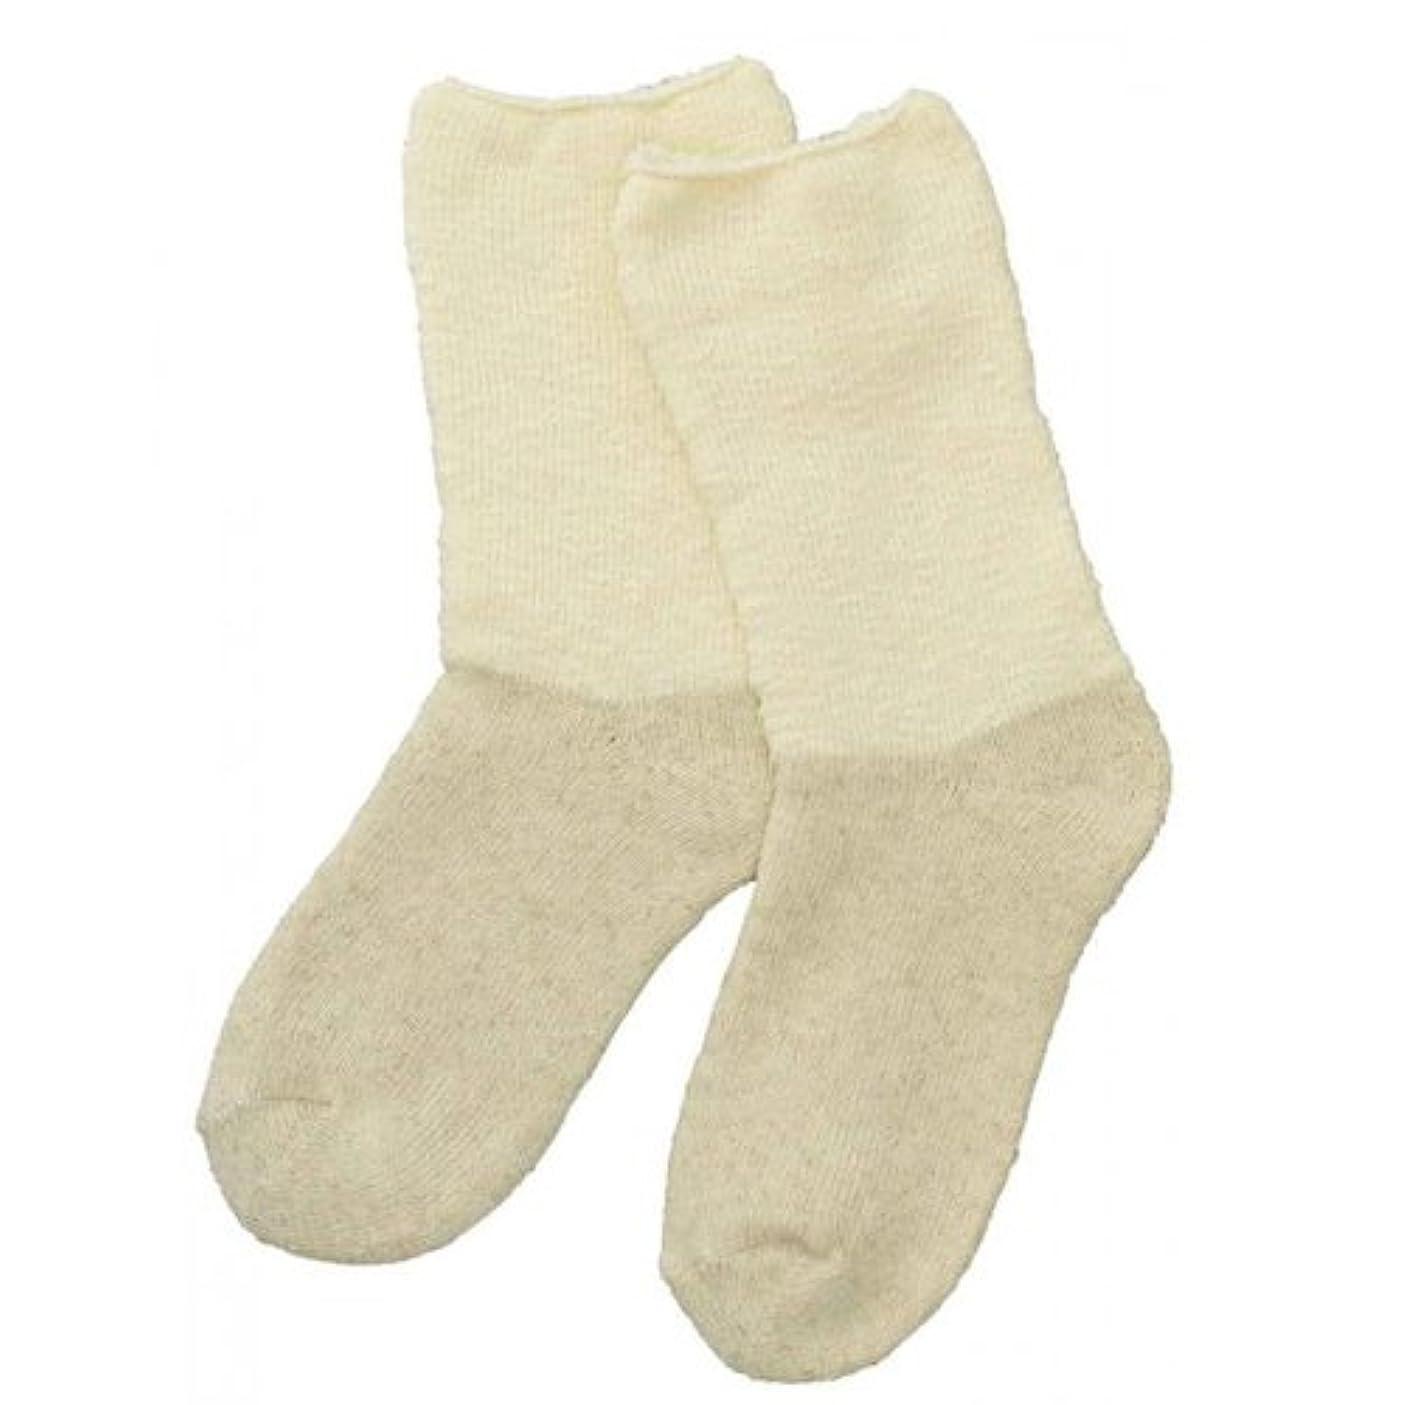 博物館グリーンランドアルネCarelance(ケアランス)お風呂上りのやさしい靴下 綿麻パイルで足先さわやか 8706CA-31 クリーム